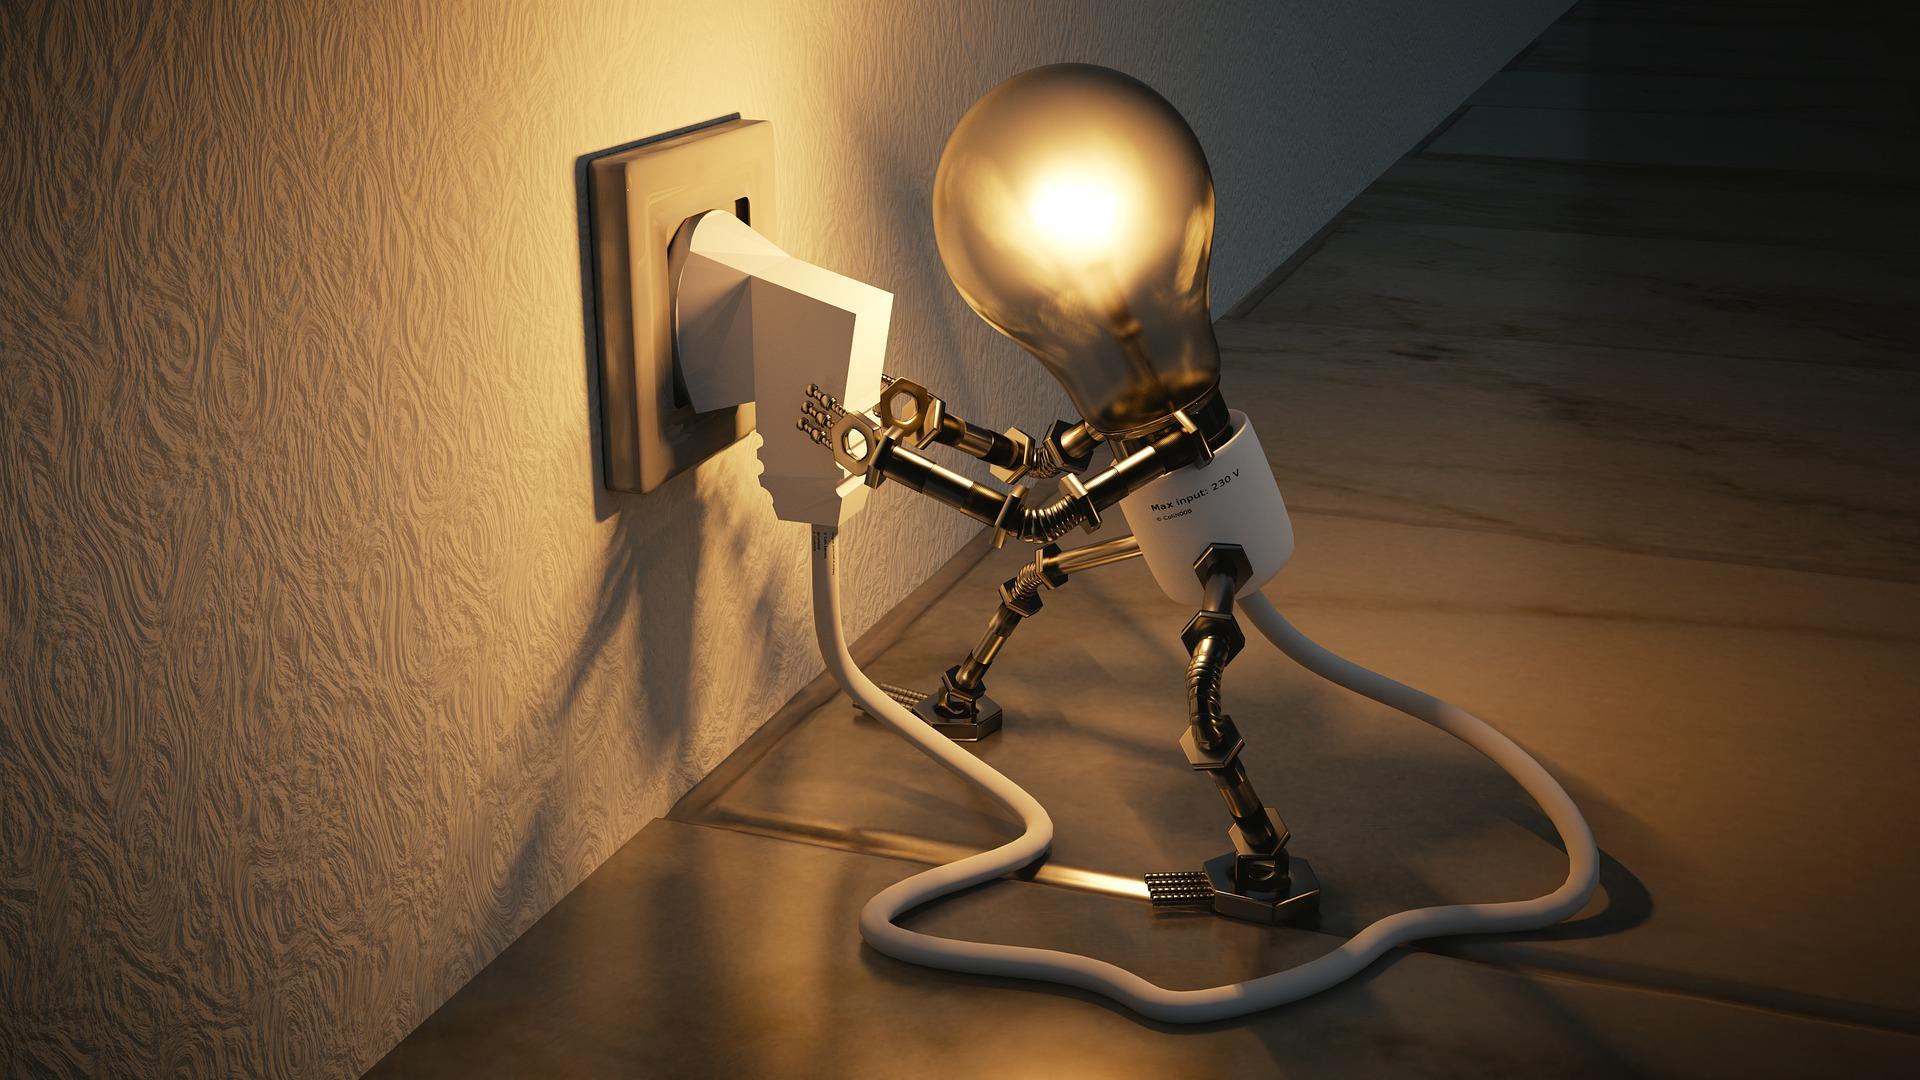 light-bulb-3104355_1920-1.jpg